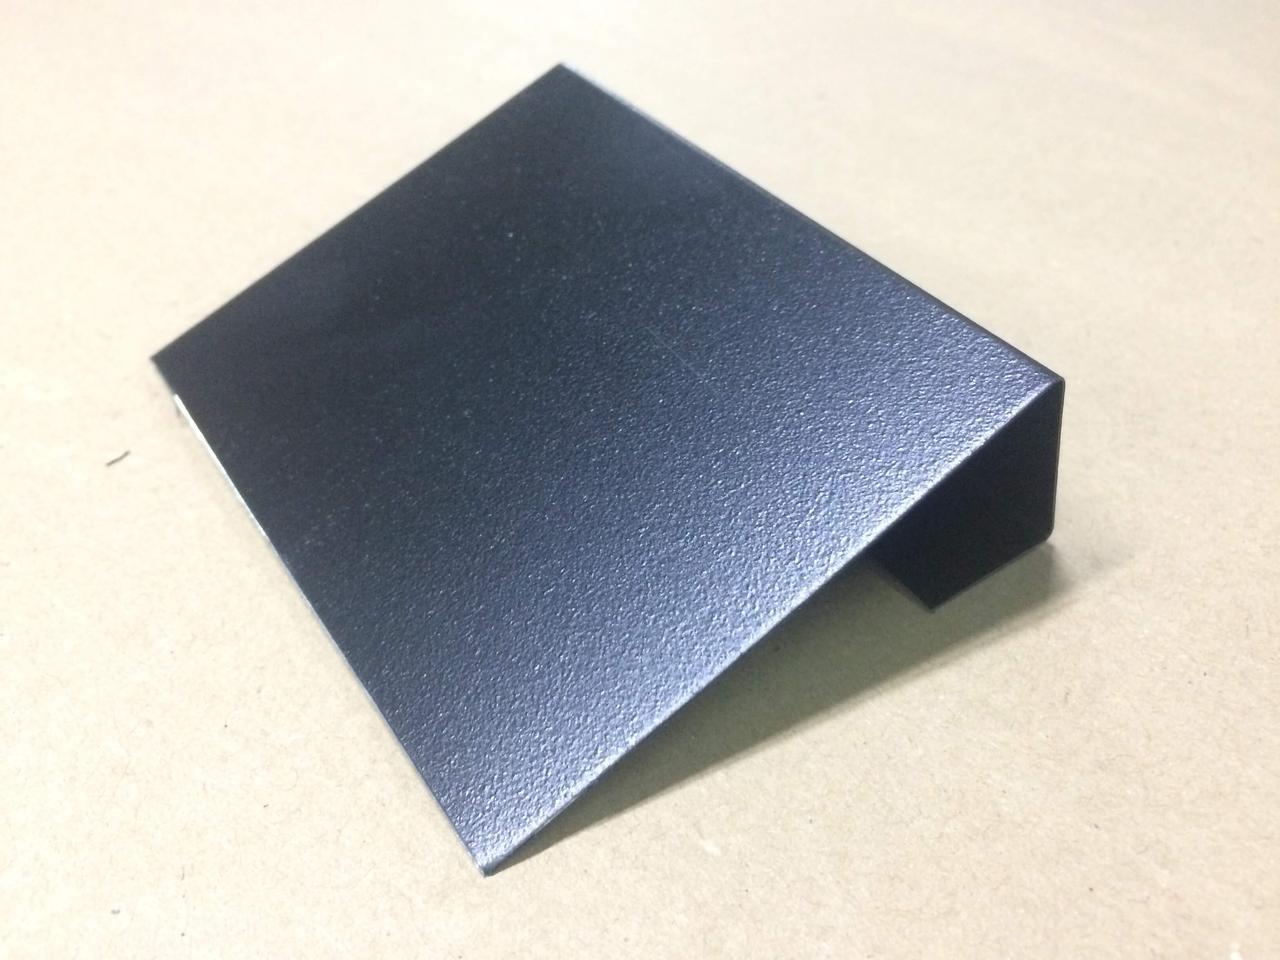 Ценник меловой 4х6 см с подставкой для надписей мелом и маркером черный. Крейдовий цінник